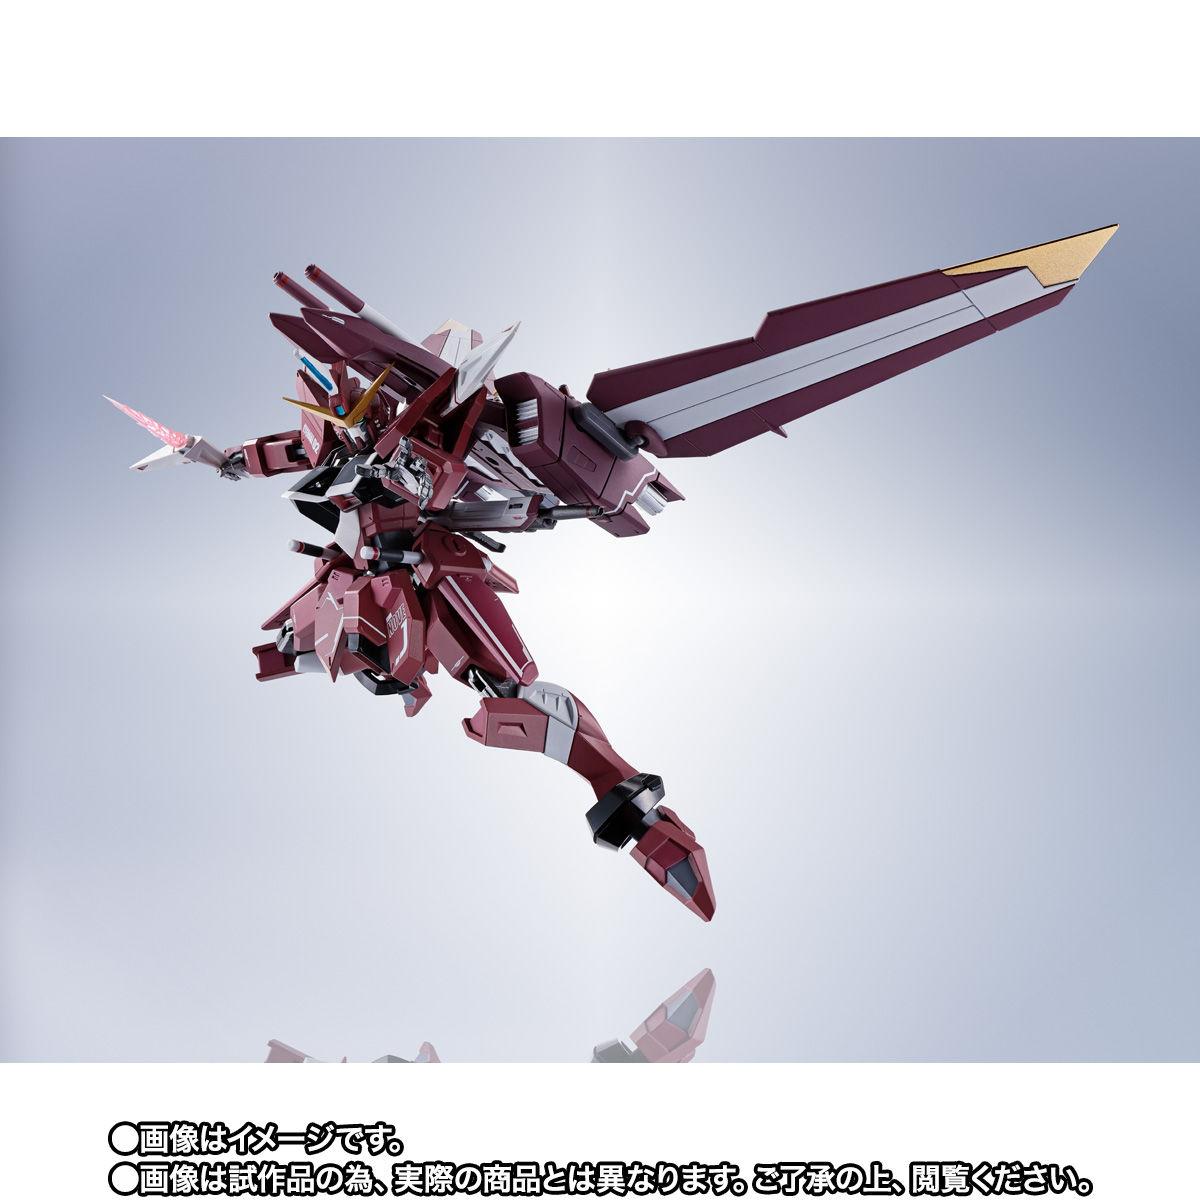 【限定販売】METAL ROBOT魂〈SIDE MS〉『ジャスティスガンダム』ガンダムSEED 可動フィギュア-006